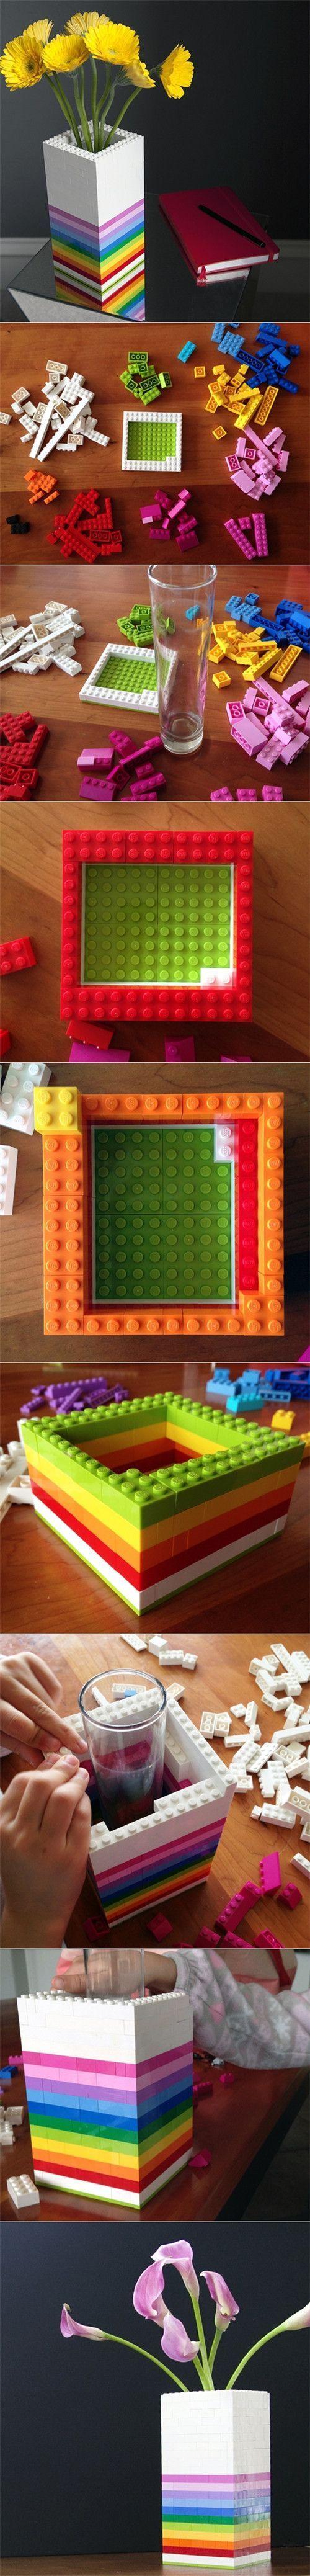 Crea un jarrón con piezas de Lego